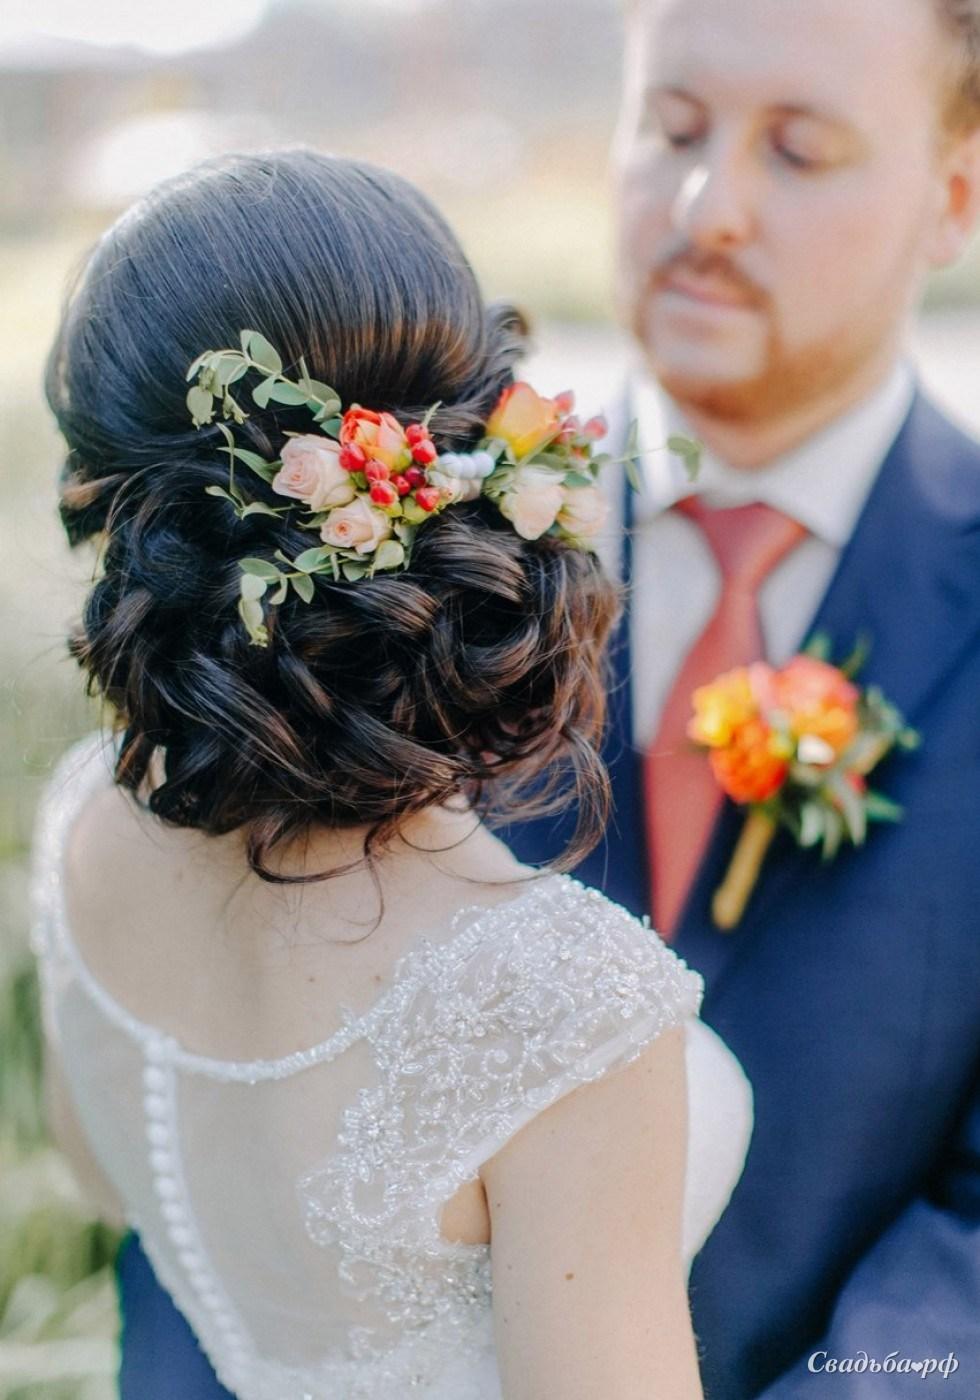 Красивые свадебные прически в 2018 году (65 фото) 86